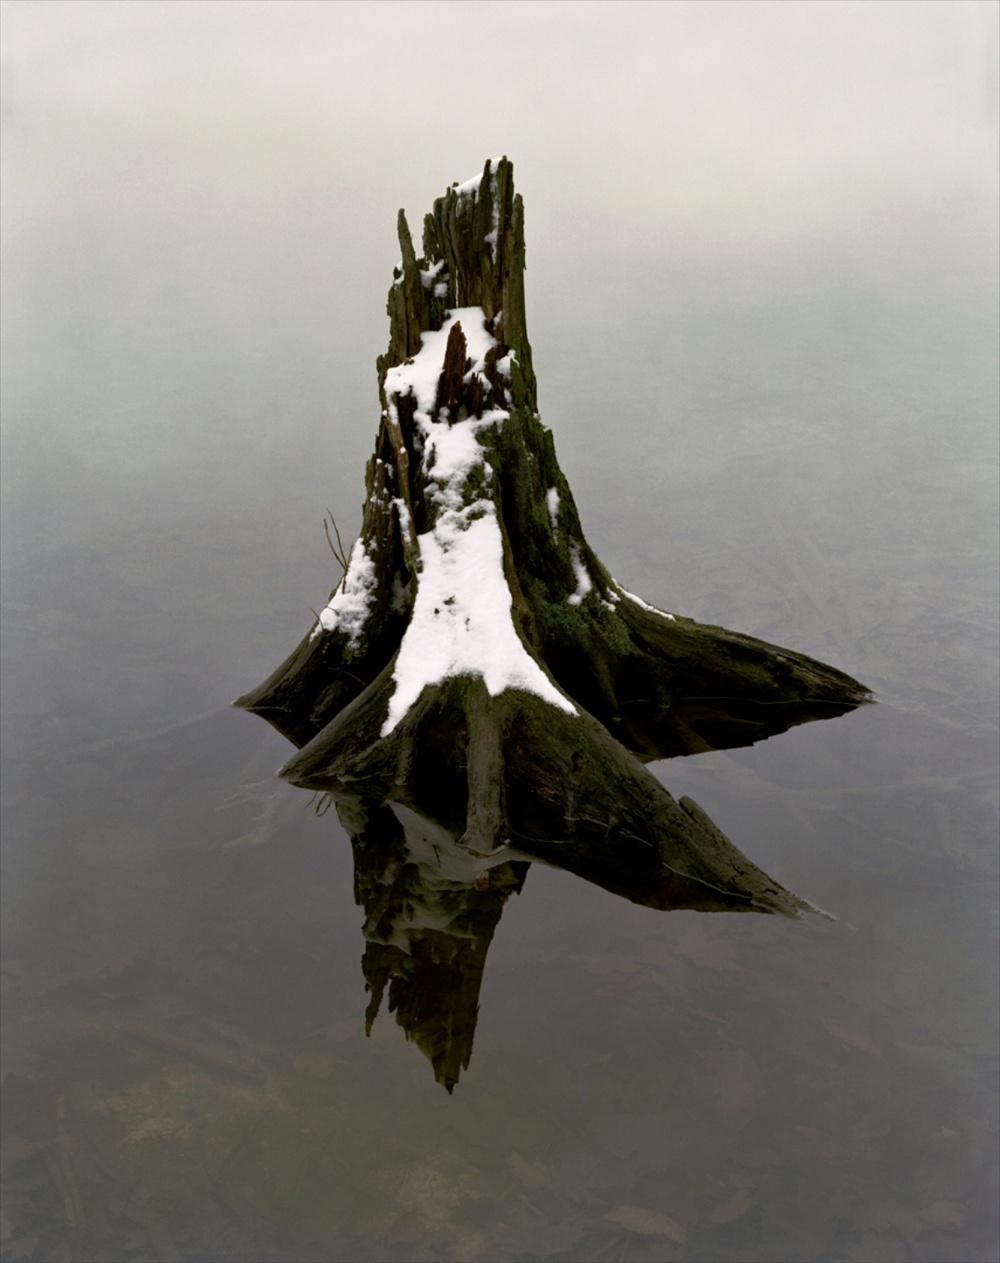 John Opera  Stump in Black Pond  2006 C-print 40h x 30w in JO004